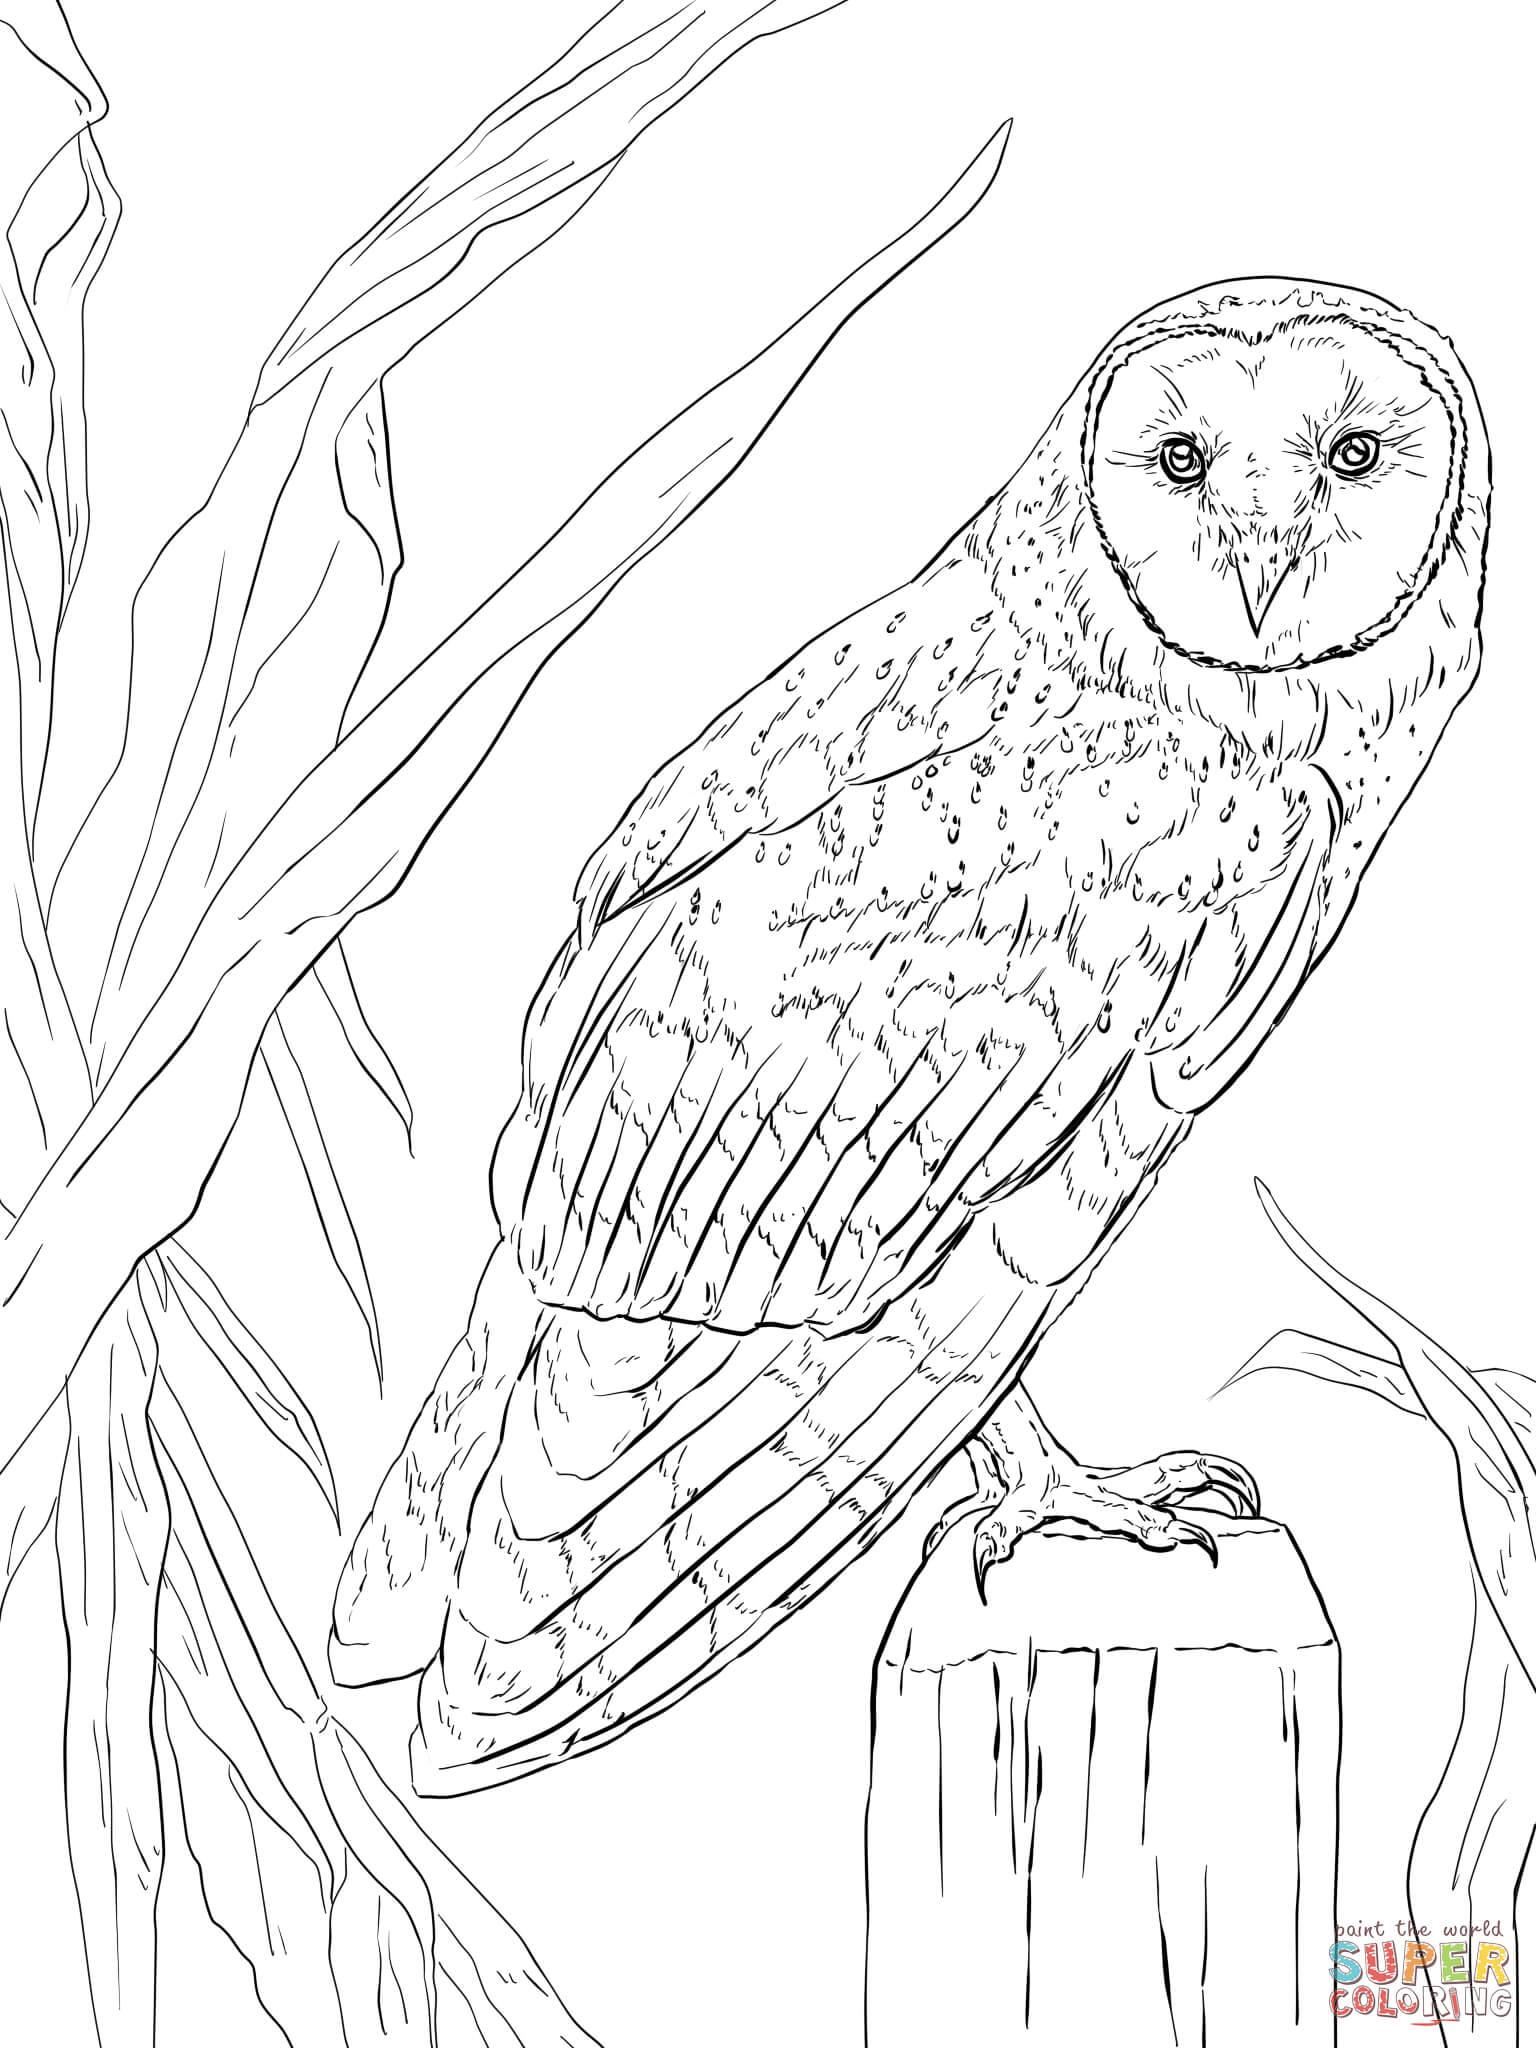 Barn Owl coloring #13, Download drawings